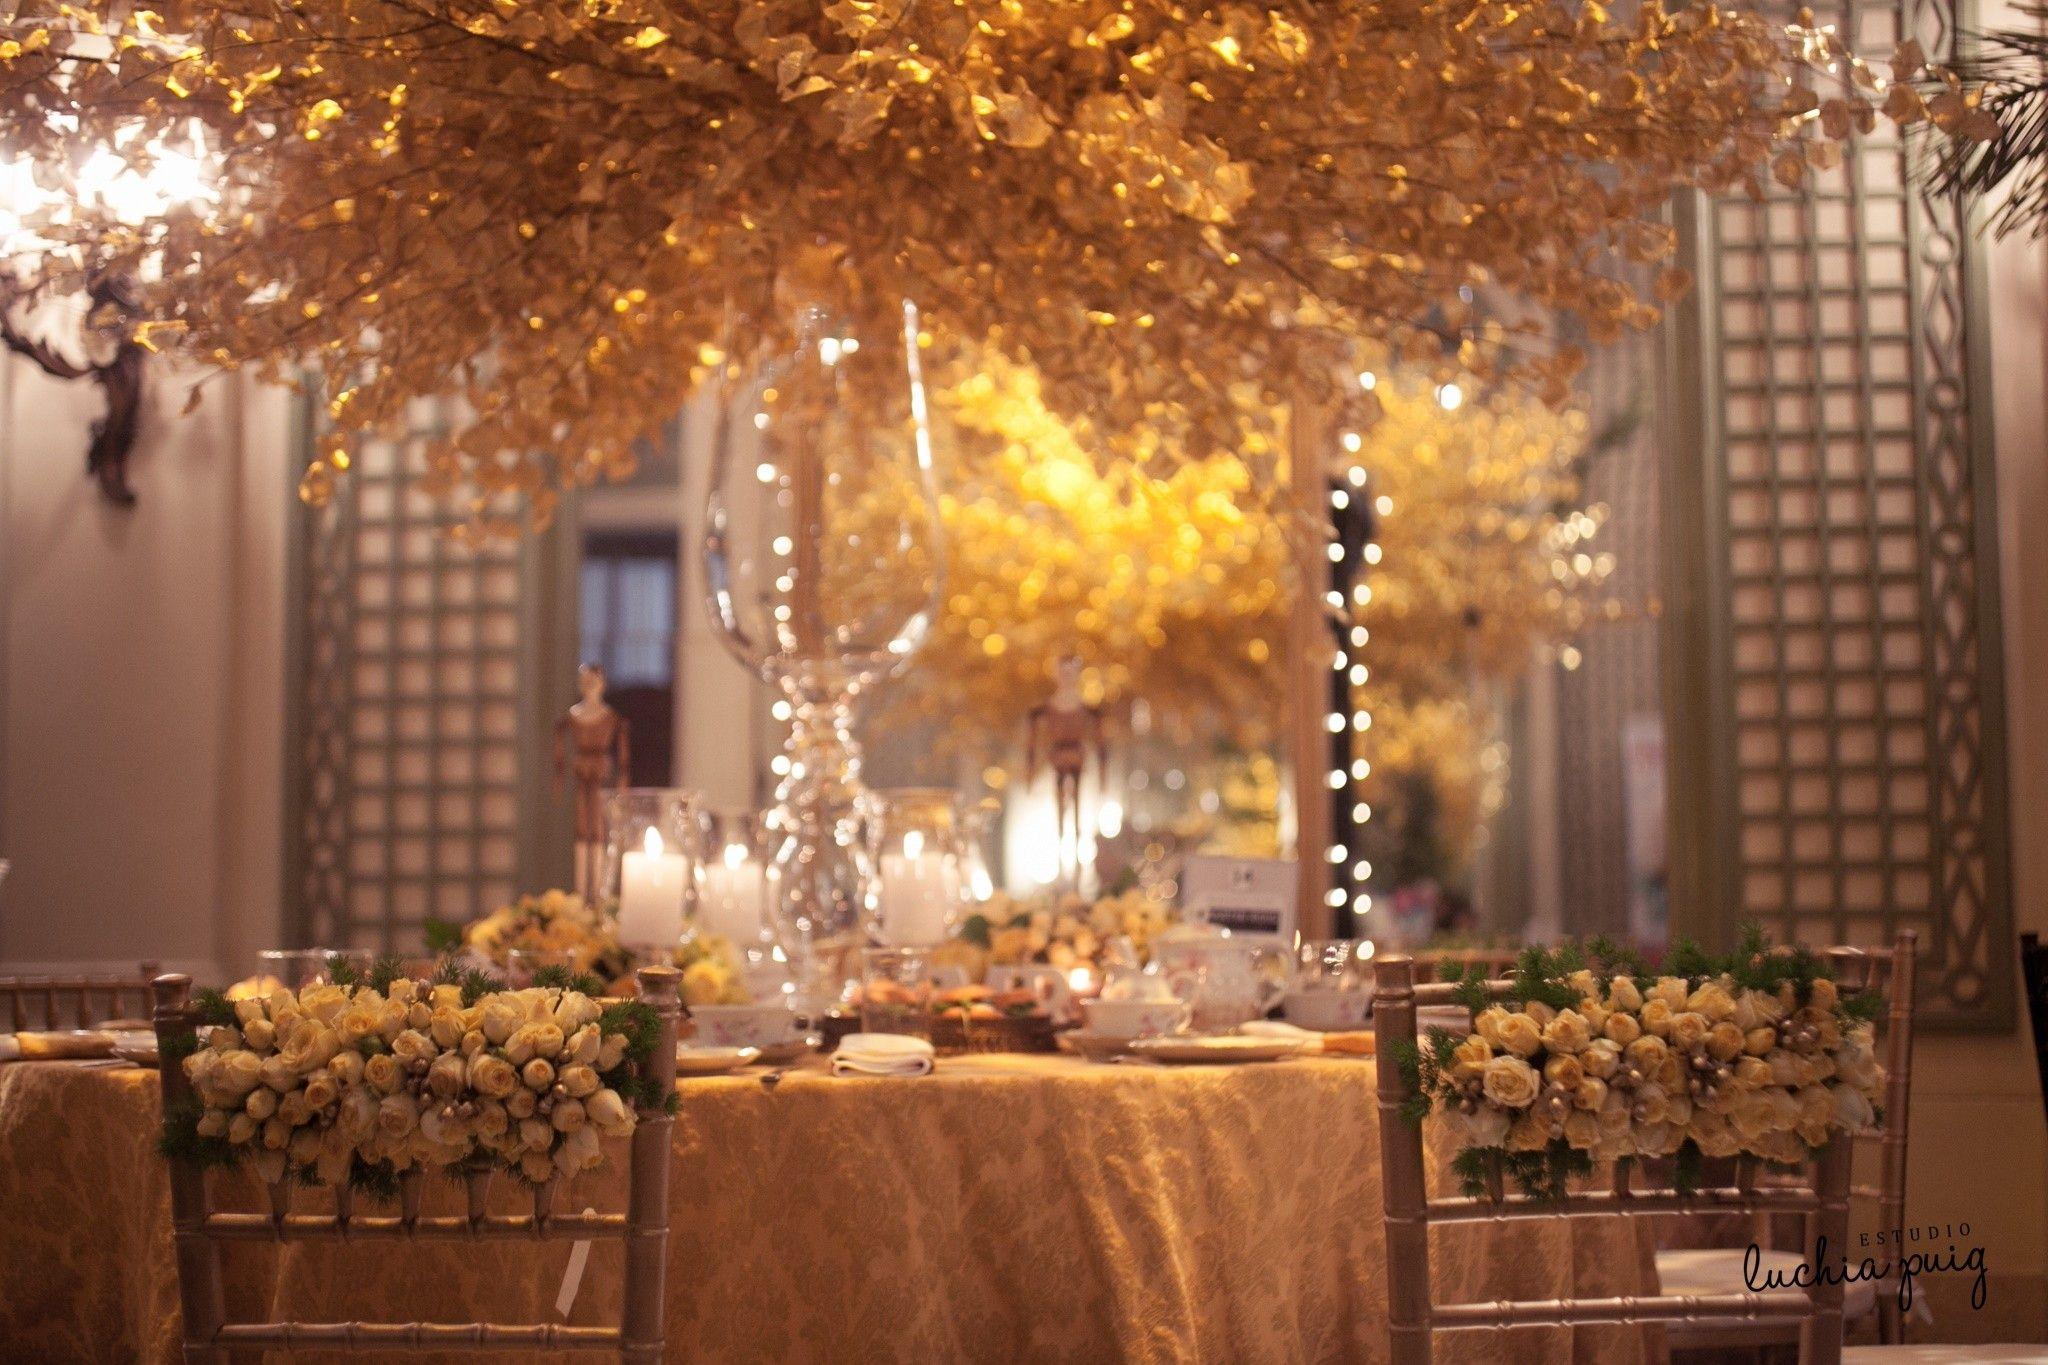 Decoraci n de mesas para casamientos holiday decorations party pinterest decoraciones de - Los mejores ambientadores ...